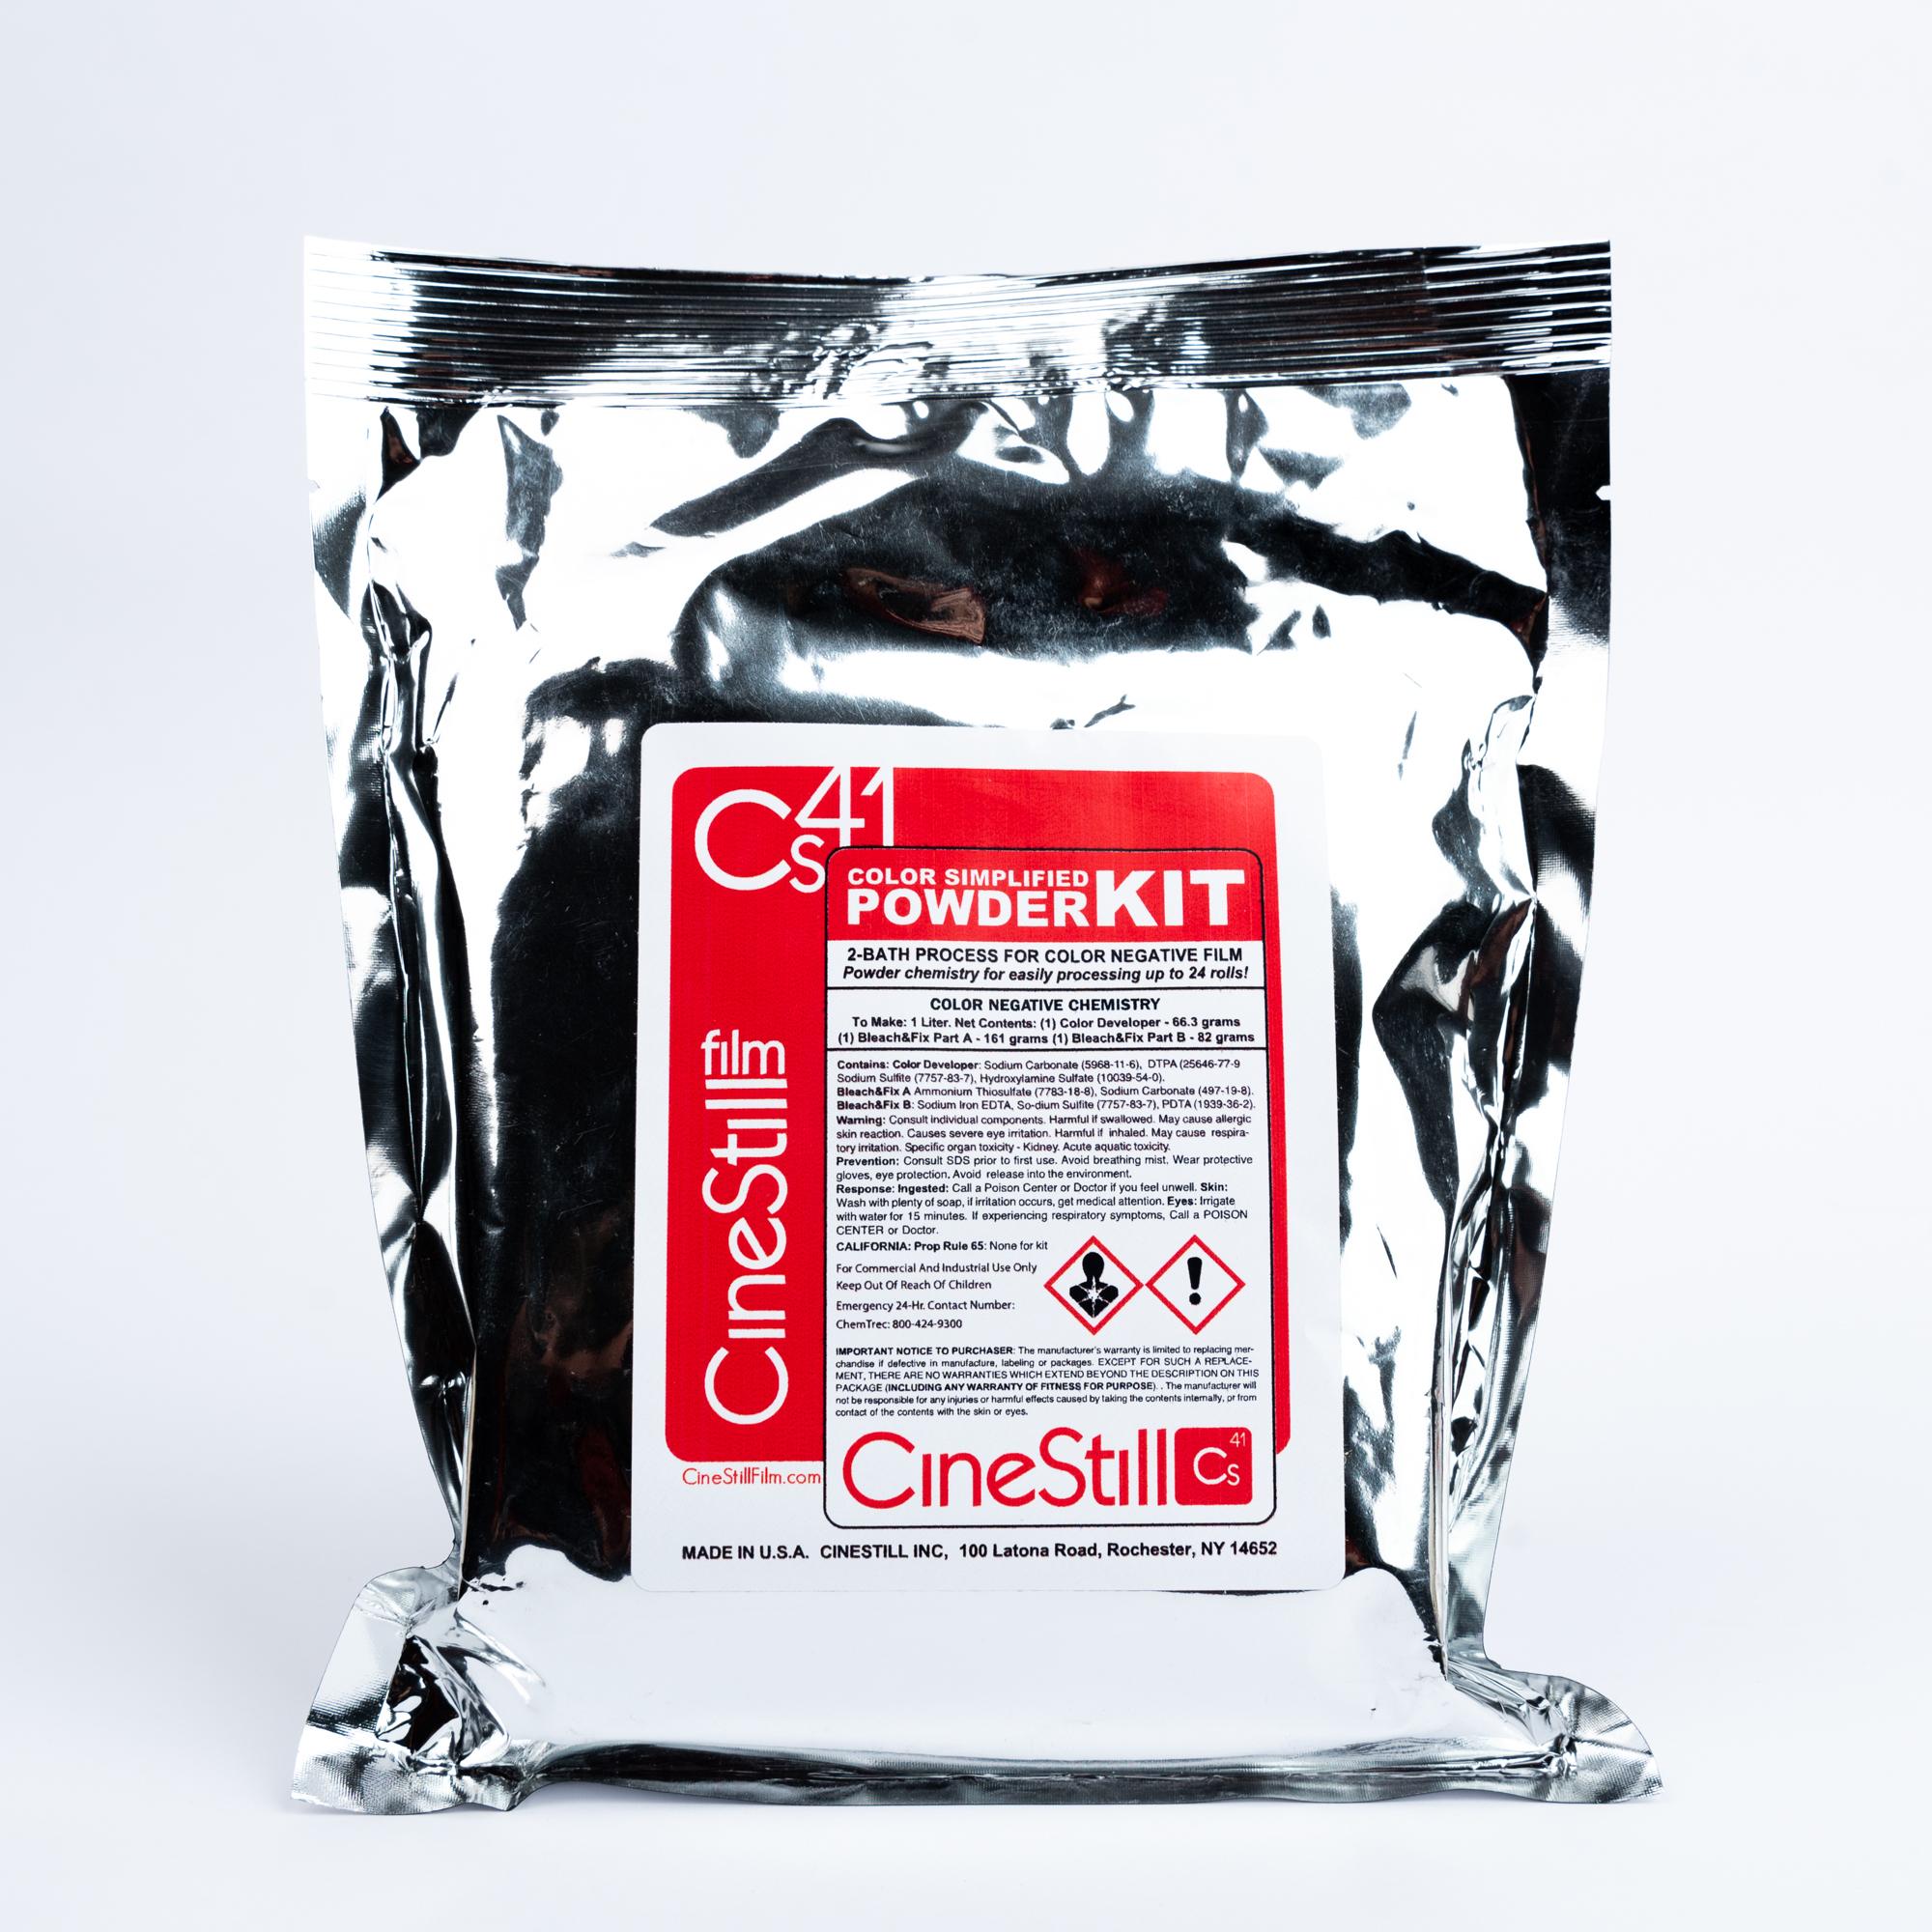 Набор для проявки цветных пленок Cinestill Cs41 Color Silmplified Kit Powder (на 1 литр)